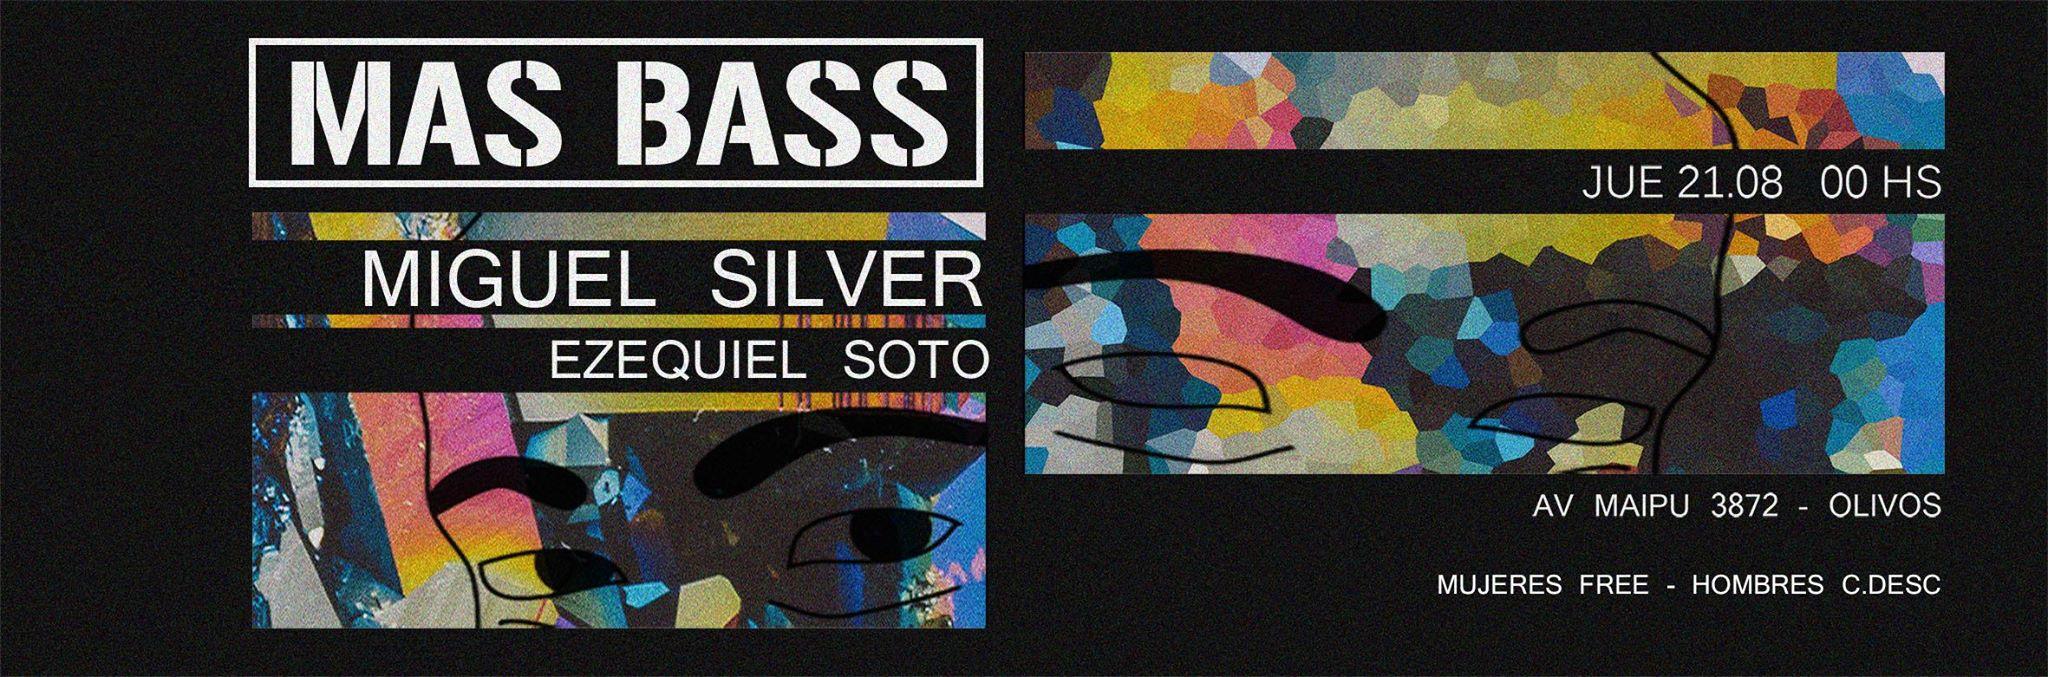 Mass bass